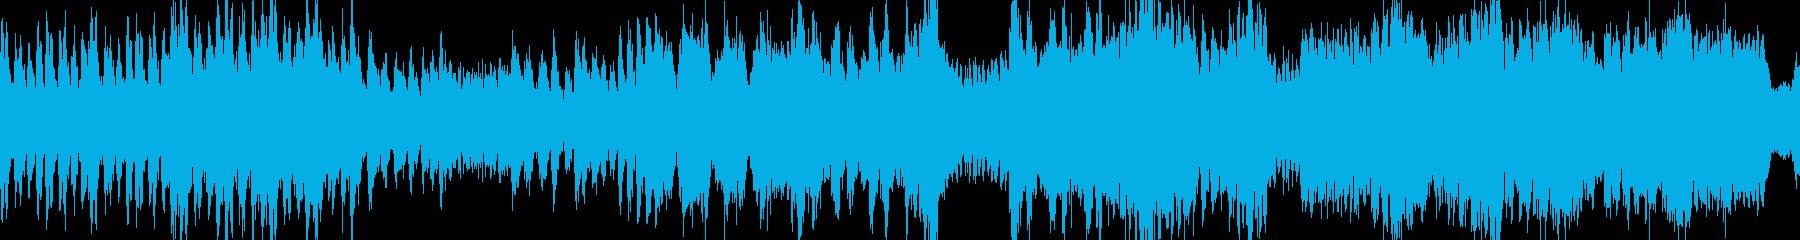 モンハン風・熱いボス戦闘曲・ループの再生済みの波形